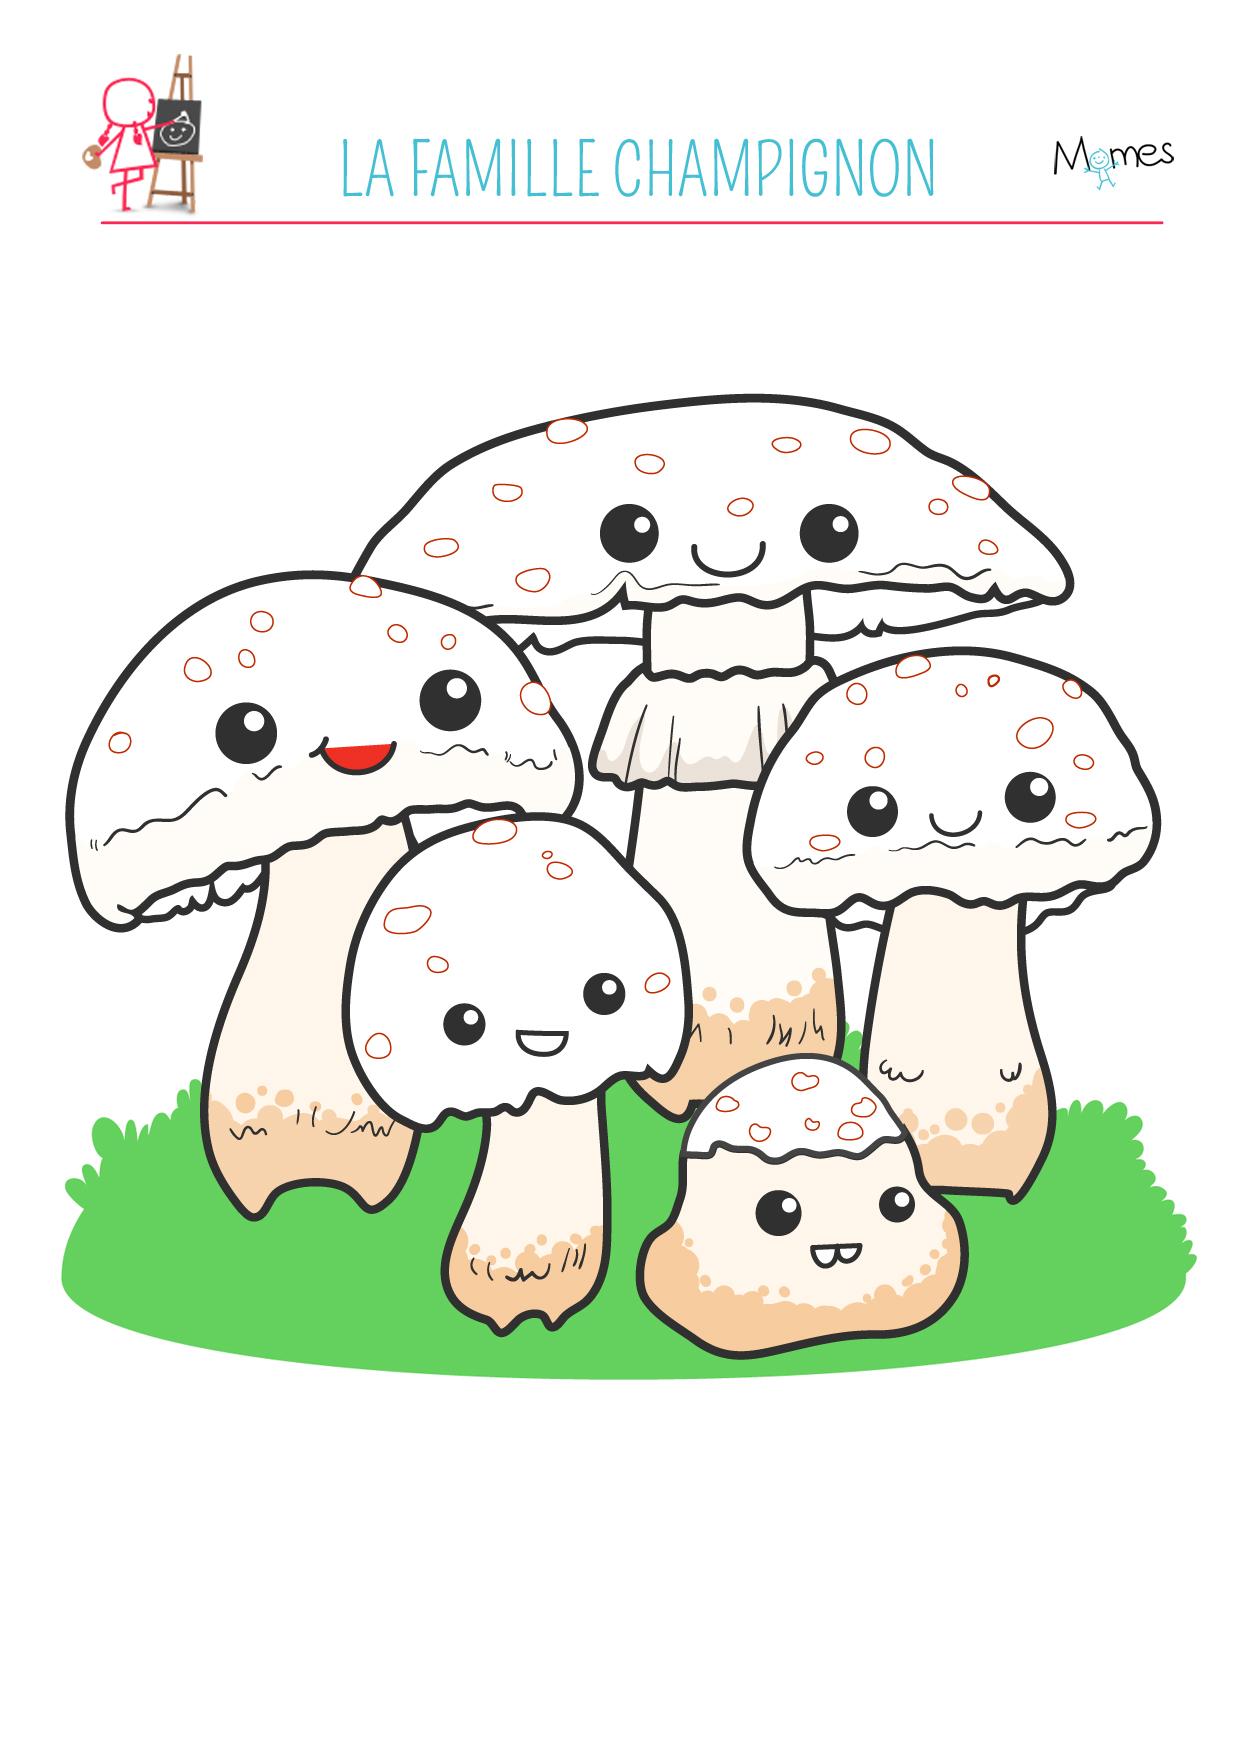 Coloriage automne la famille champignon - Image automne gratuite imprimer ...